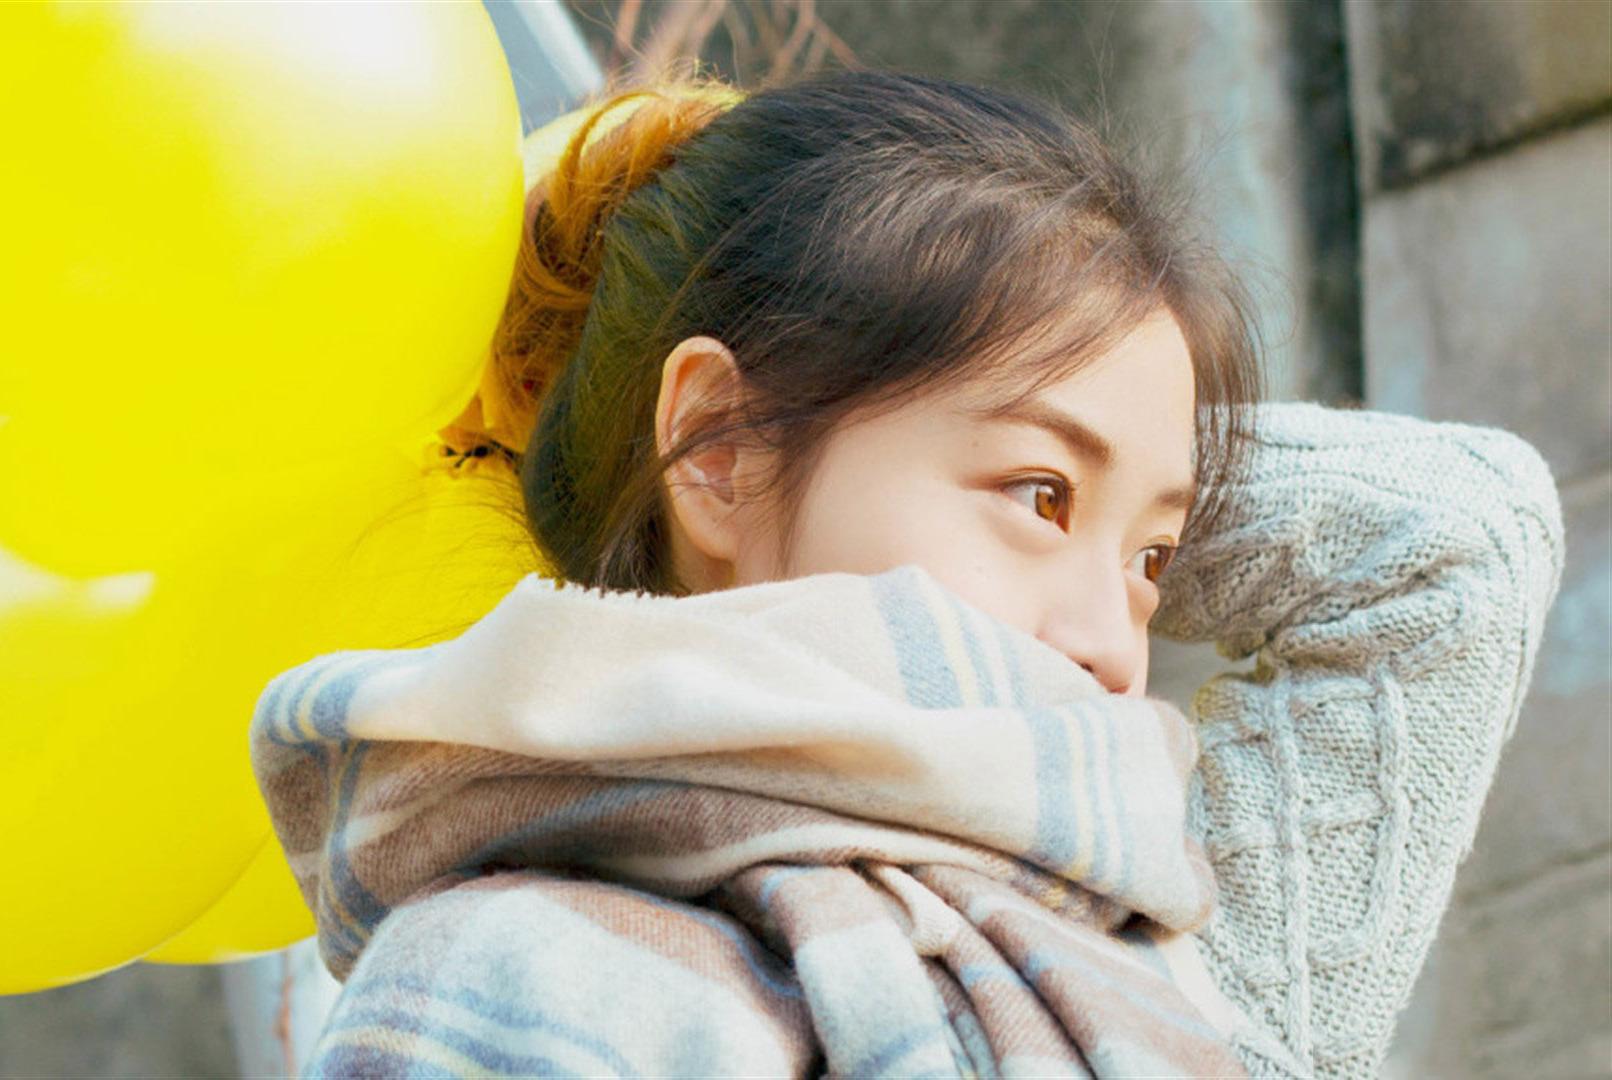 近期,难耐思念,转身守护幸福,主动低头,爱情回到初识的星座